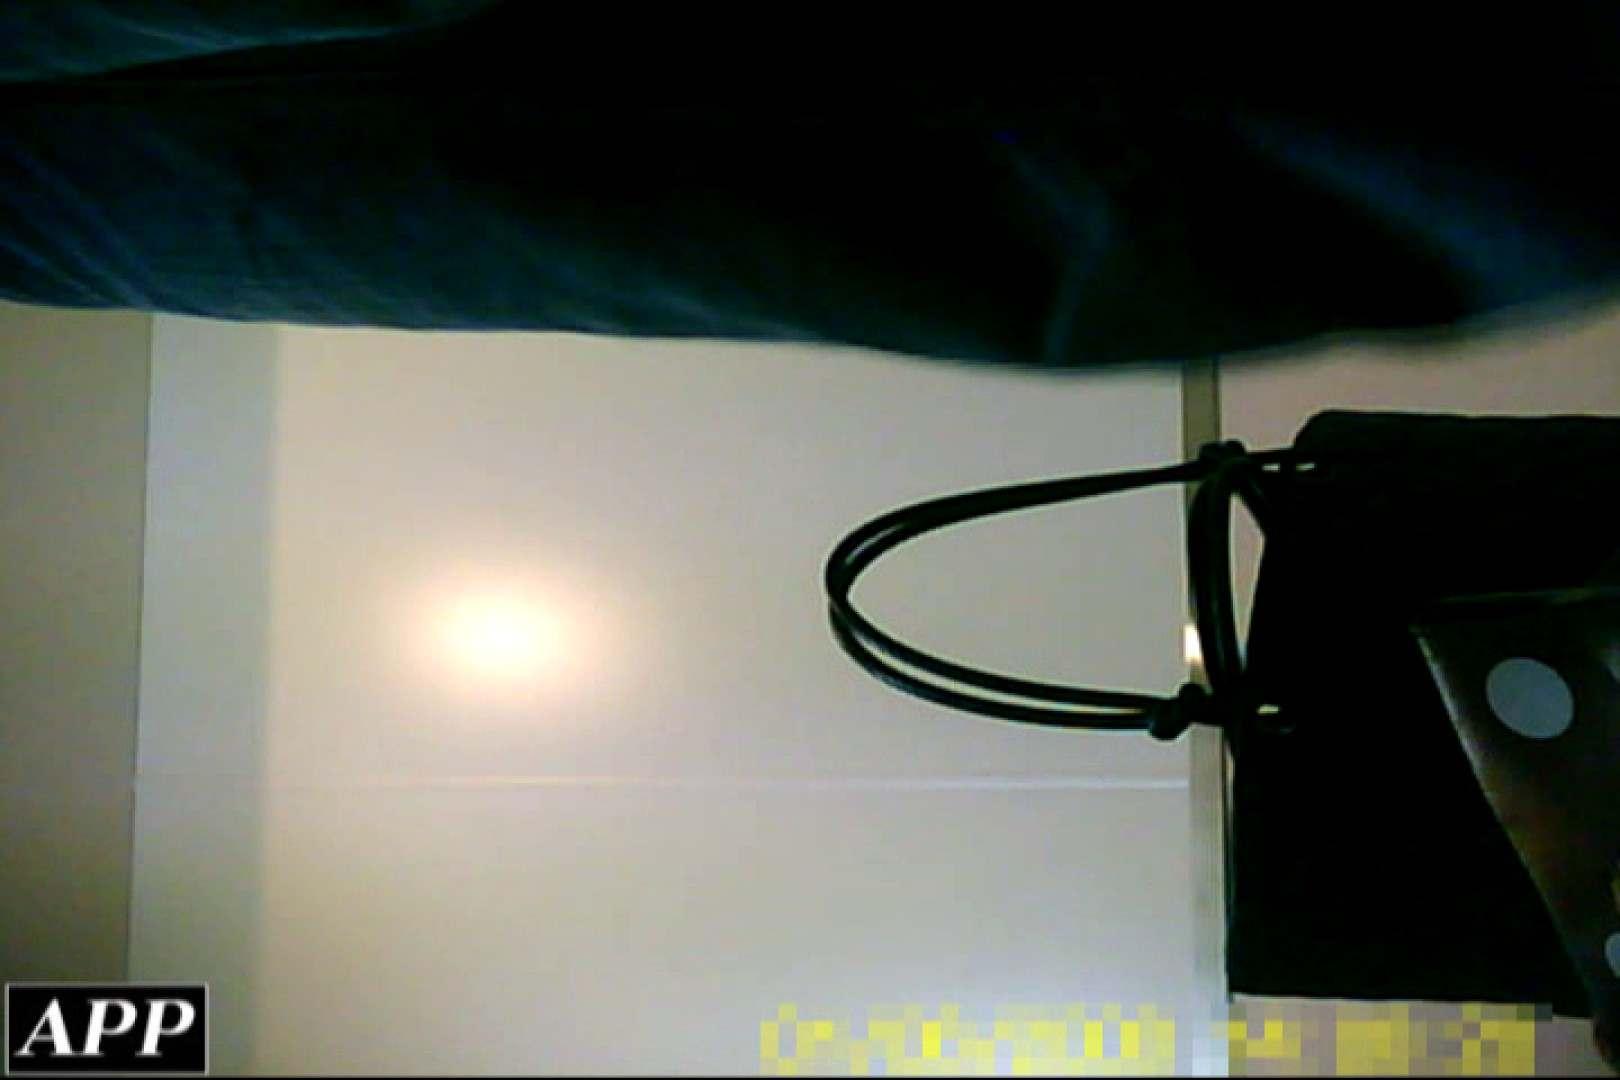 3視点洗面所 vol.066 OLエロ画像 | 洗面所  41PICs 37